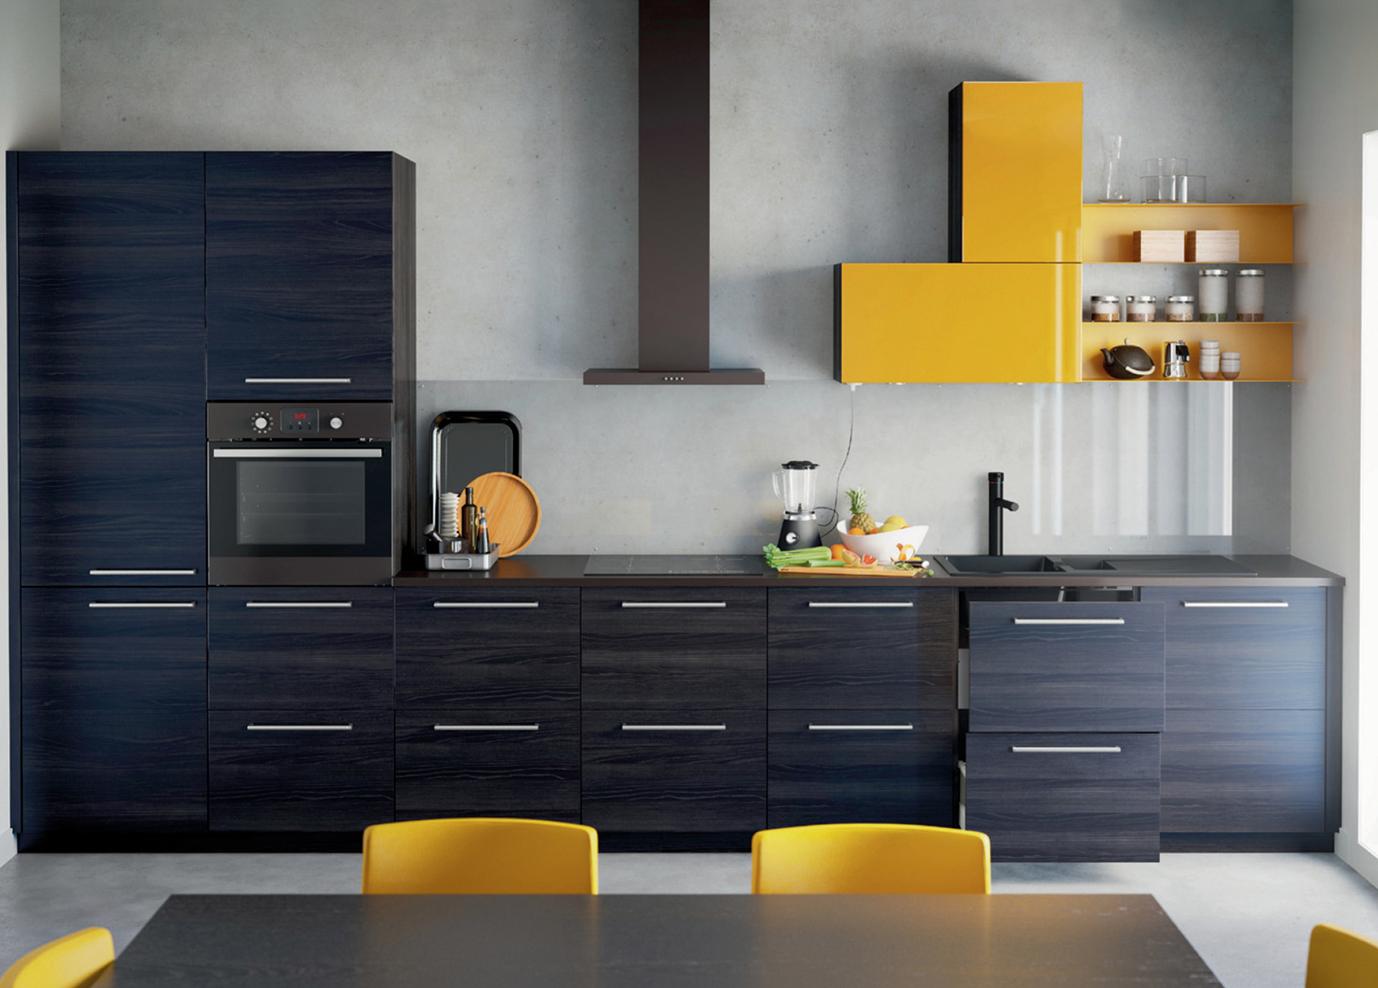 IKEA 2015 KITCHEN - COCINAS | IKEA NEW STUFF | Pinterest